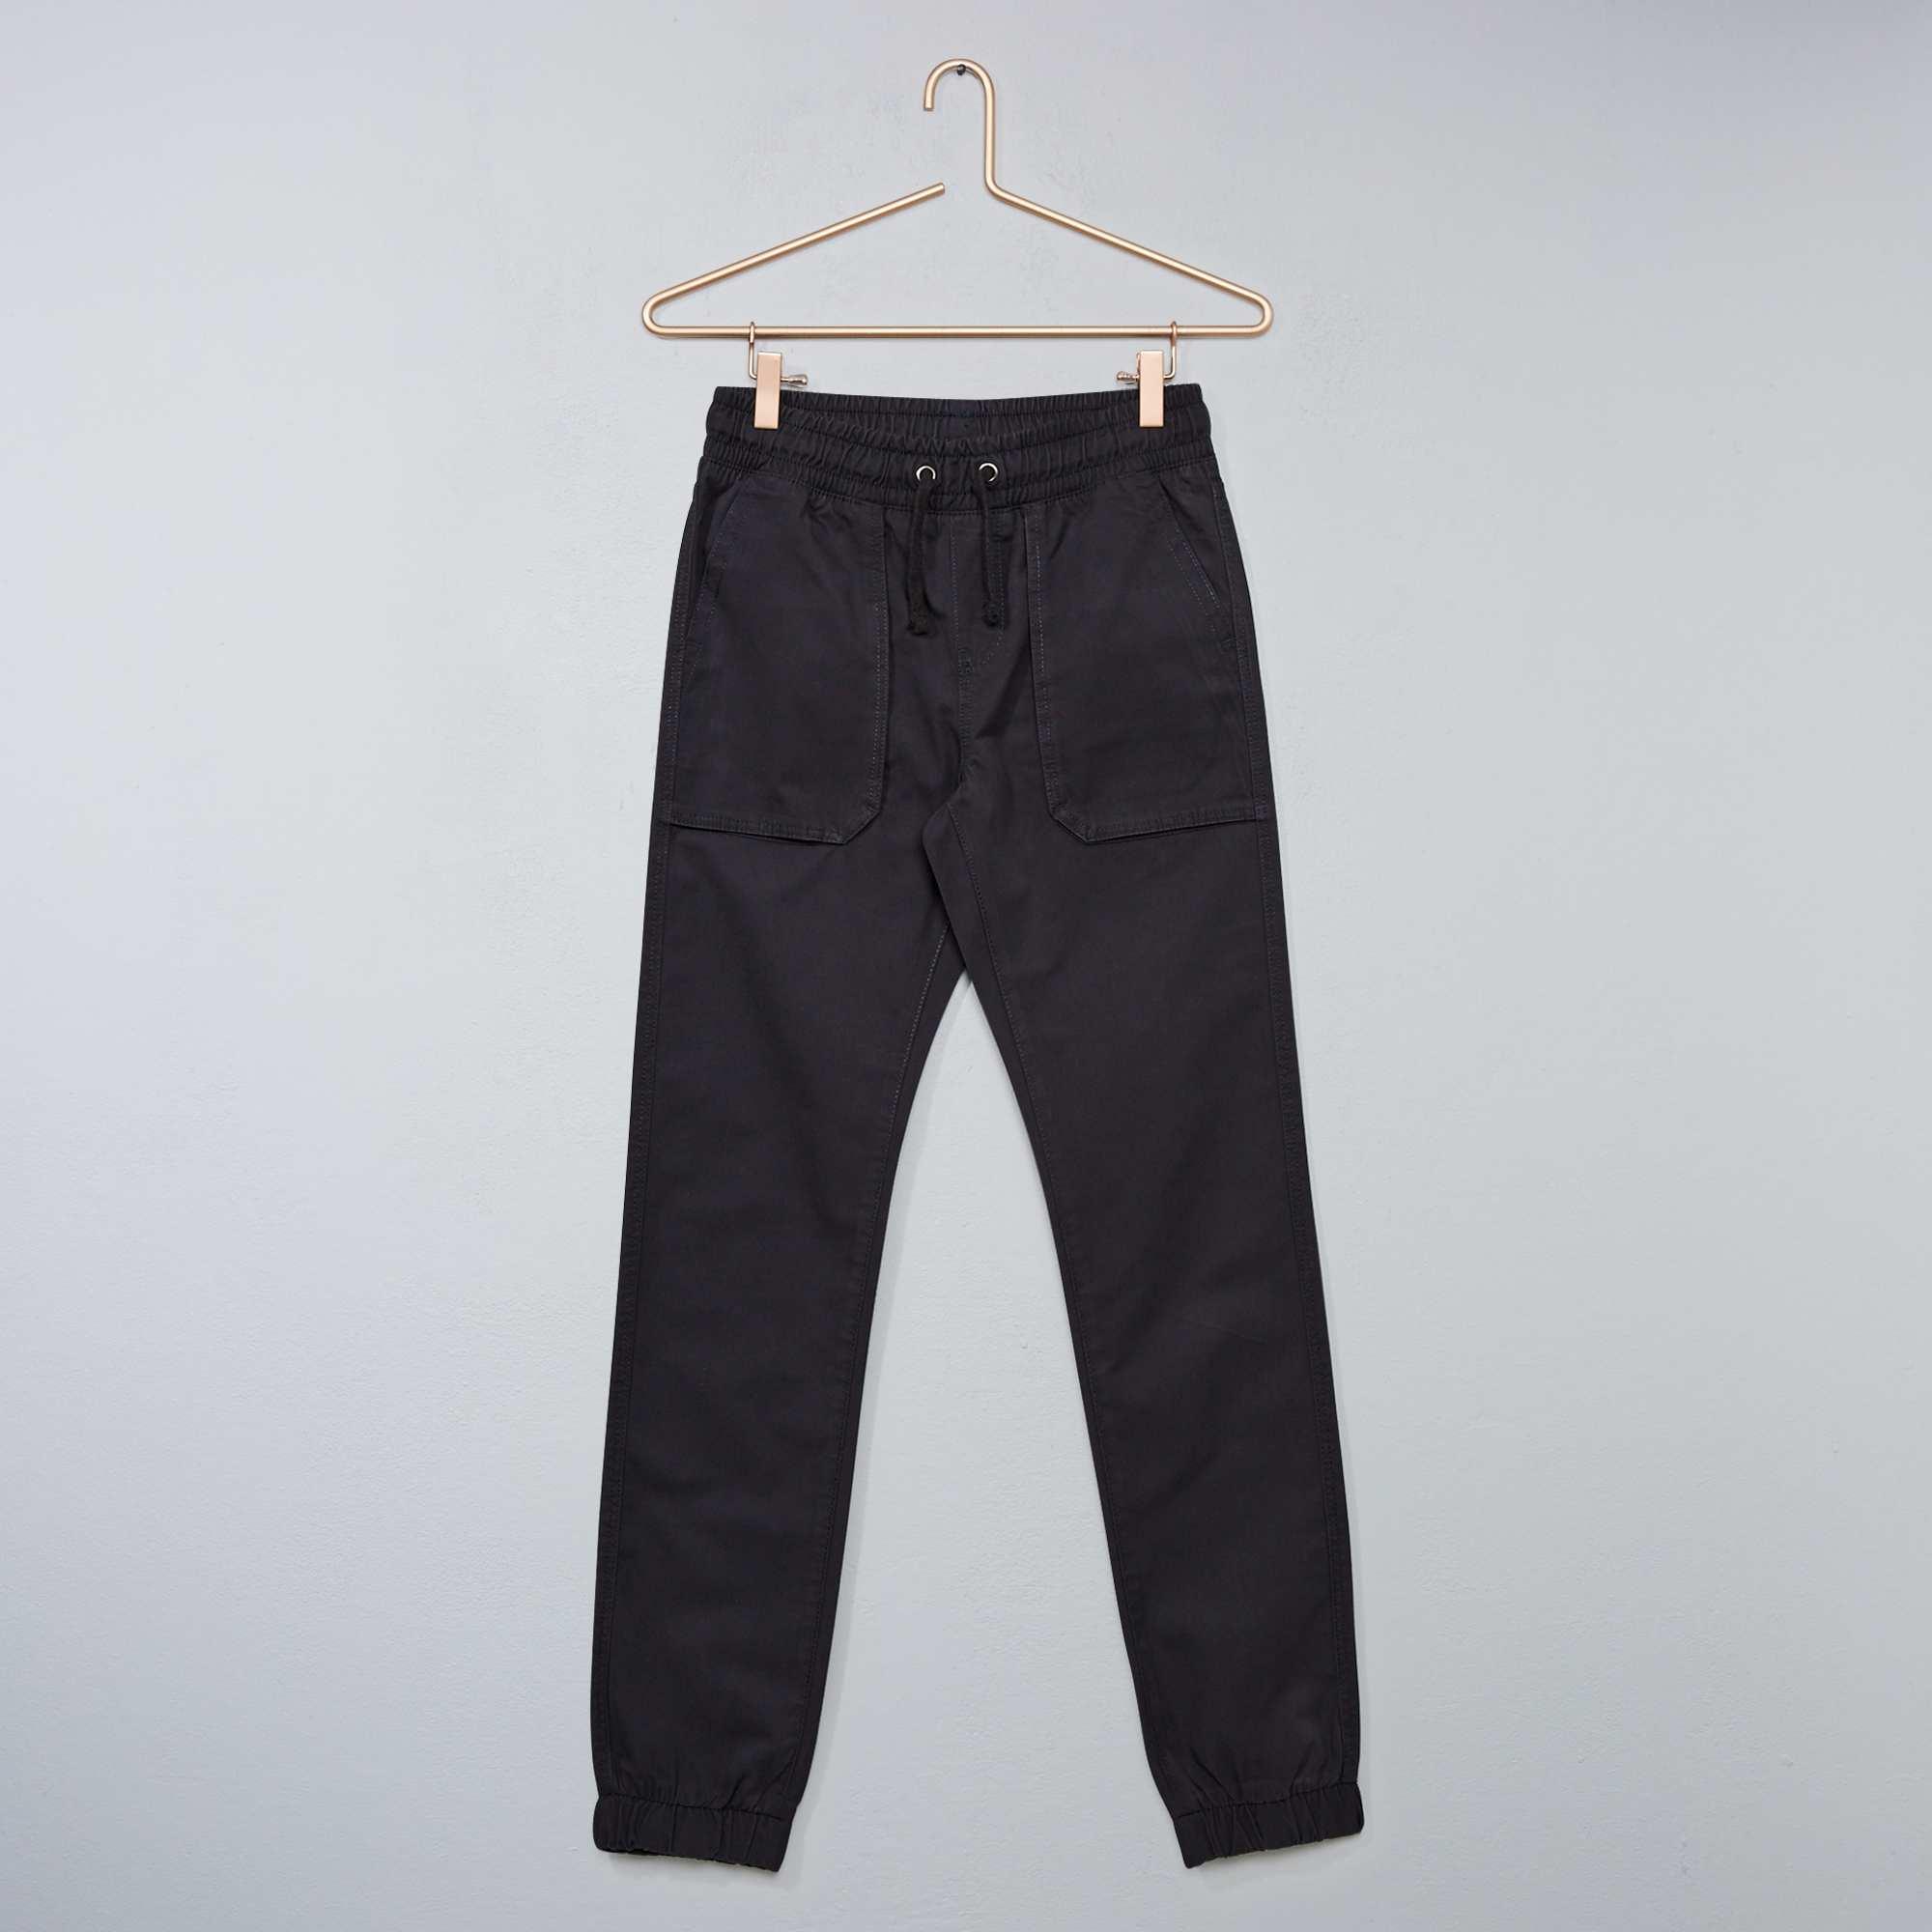 Couleur : marron, gris foncé, ,, - Taille : S, XS, M,,Le pantalon qui s'adapte à toutes les morphologies ! - Pantalon en twill - Slim fit